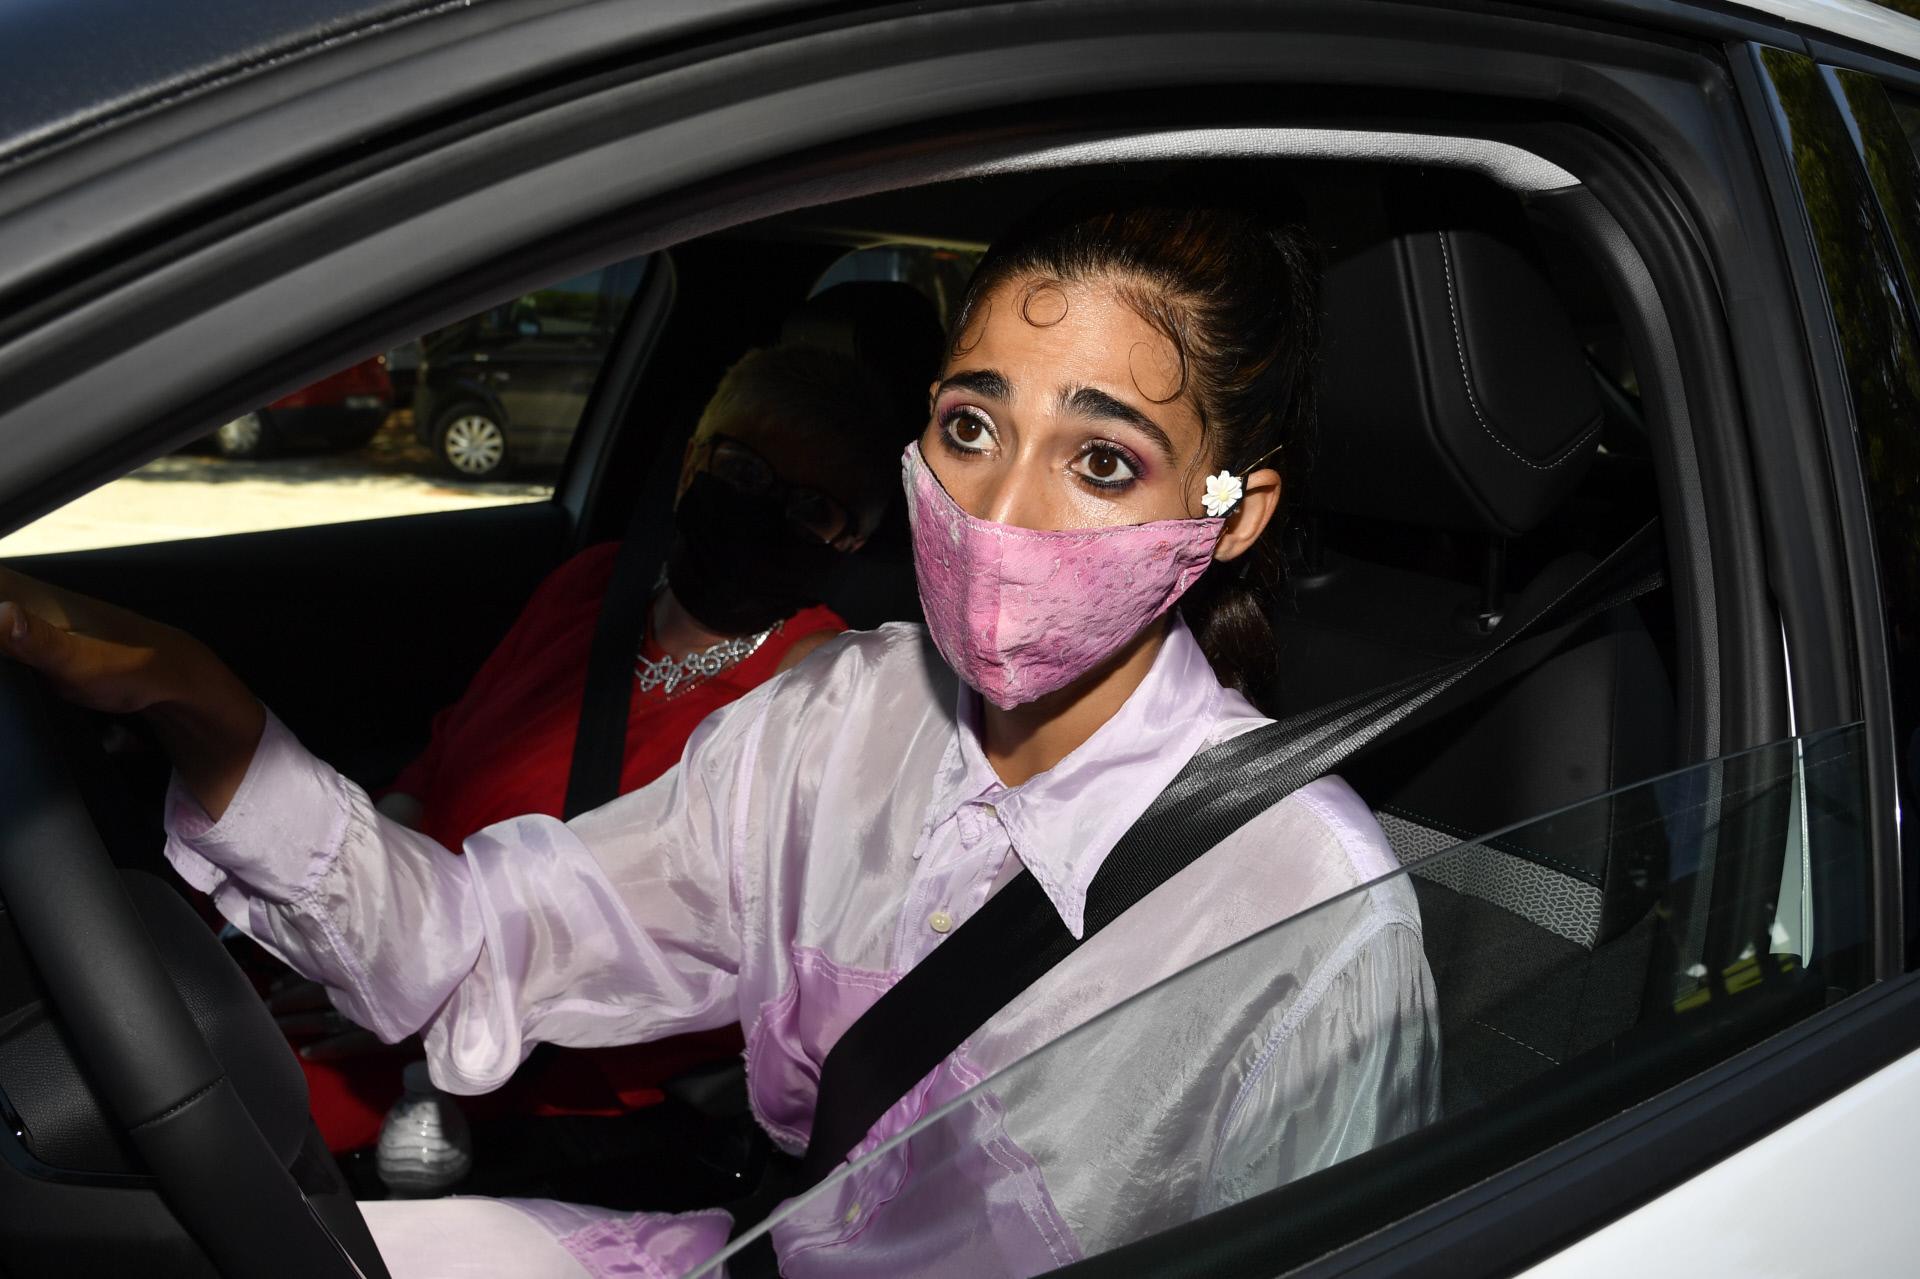 Alba Flores a su llegada a la finca donde se celebraba la boda de su prima.